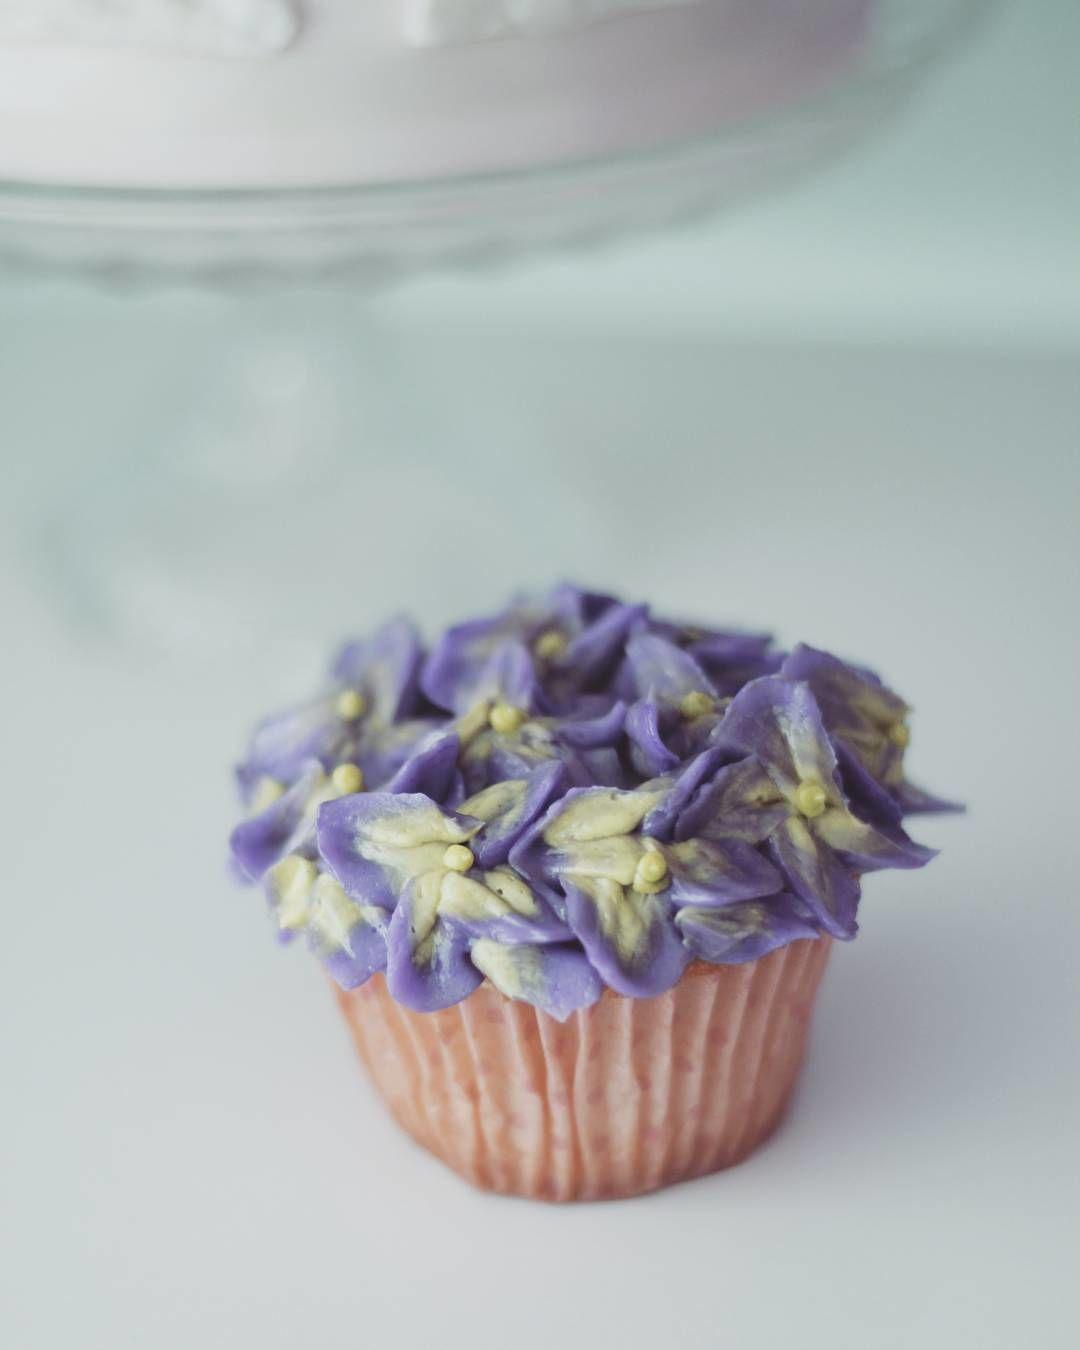 めちゃ簡単!クリームで透明感のある「花びら」を再現する裏ワザ。